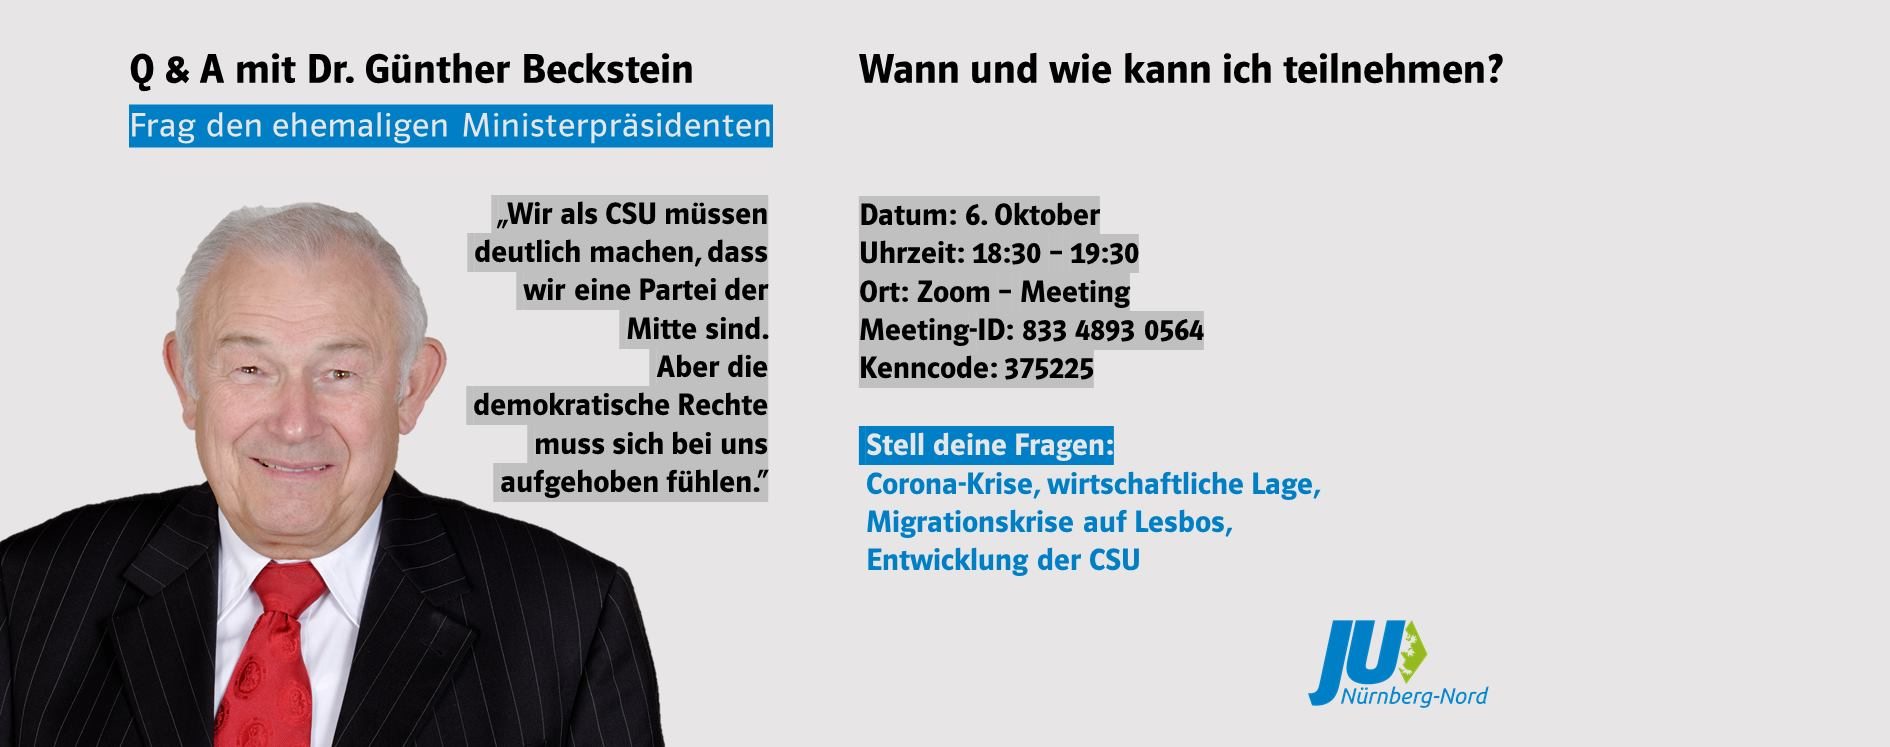 Bild zur Veranstaltung Q&A mit Günther Beckstein